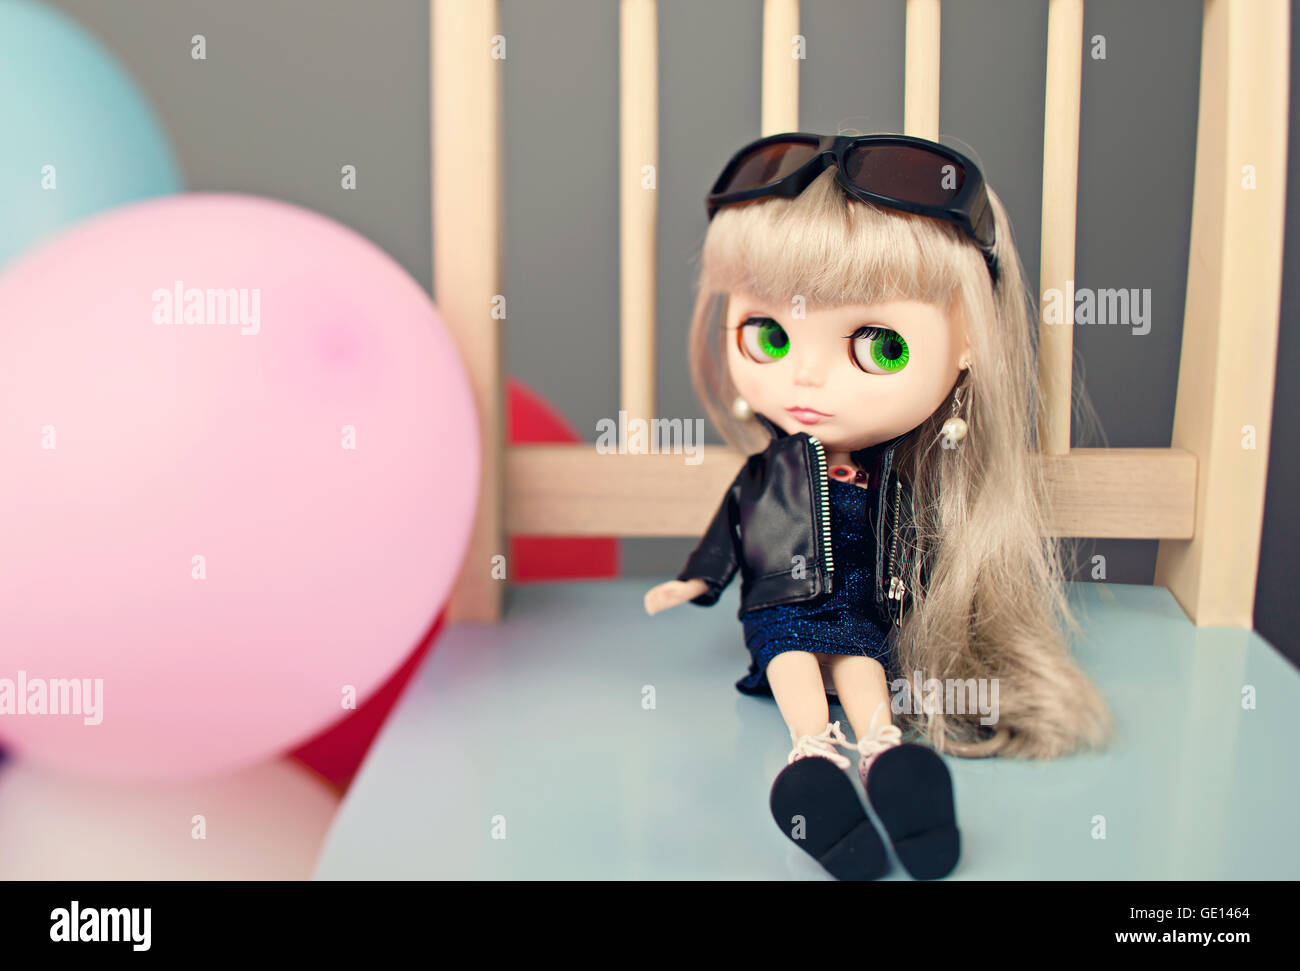 Blythe Doll in studio - Stock Image